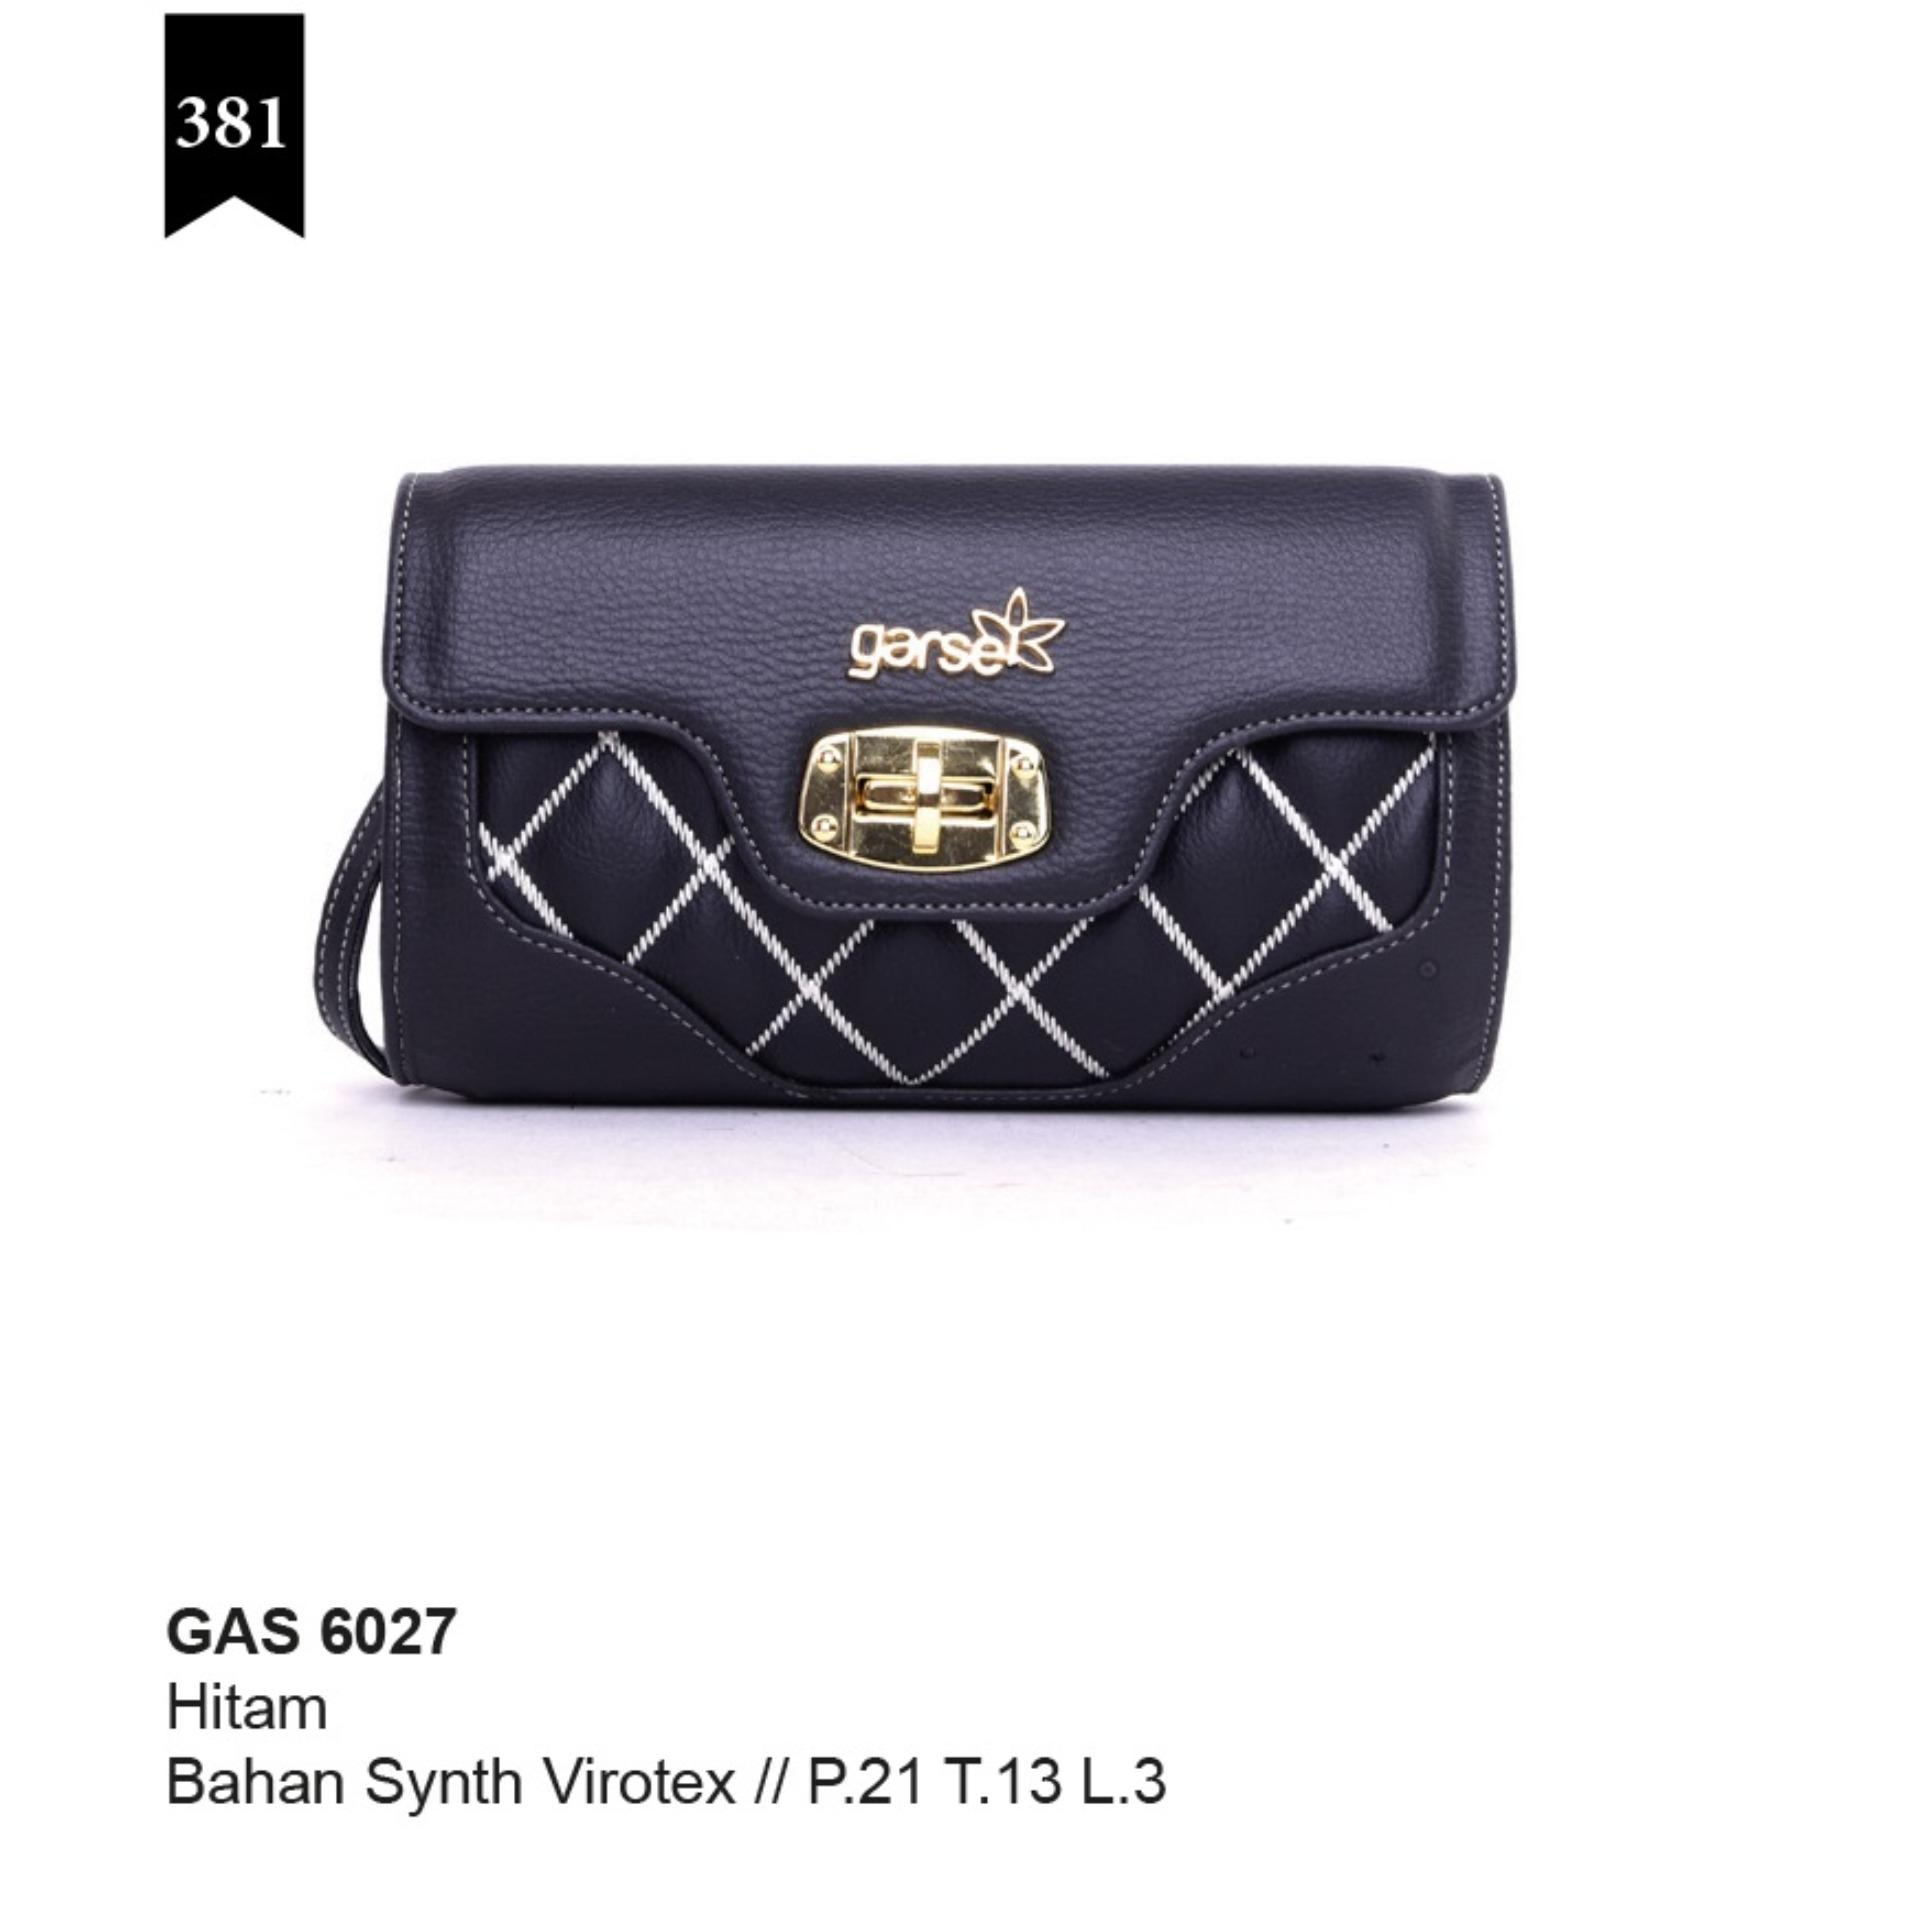 Beli Garsel Gas 6541 Dompet Clutch Wanita Virotex Bagus Brown Katalog Fashion Bahan Sintetis 21x13x3 Murah Berkualitas Hitam